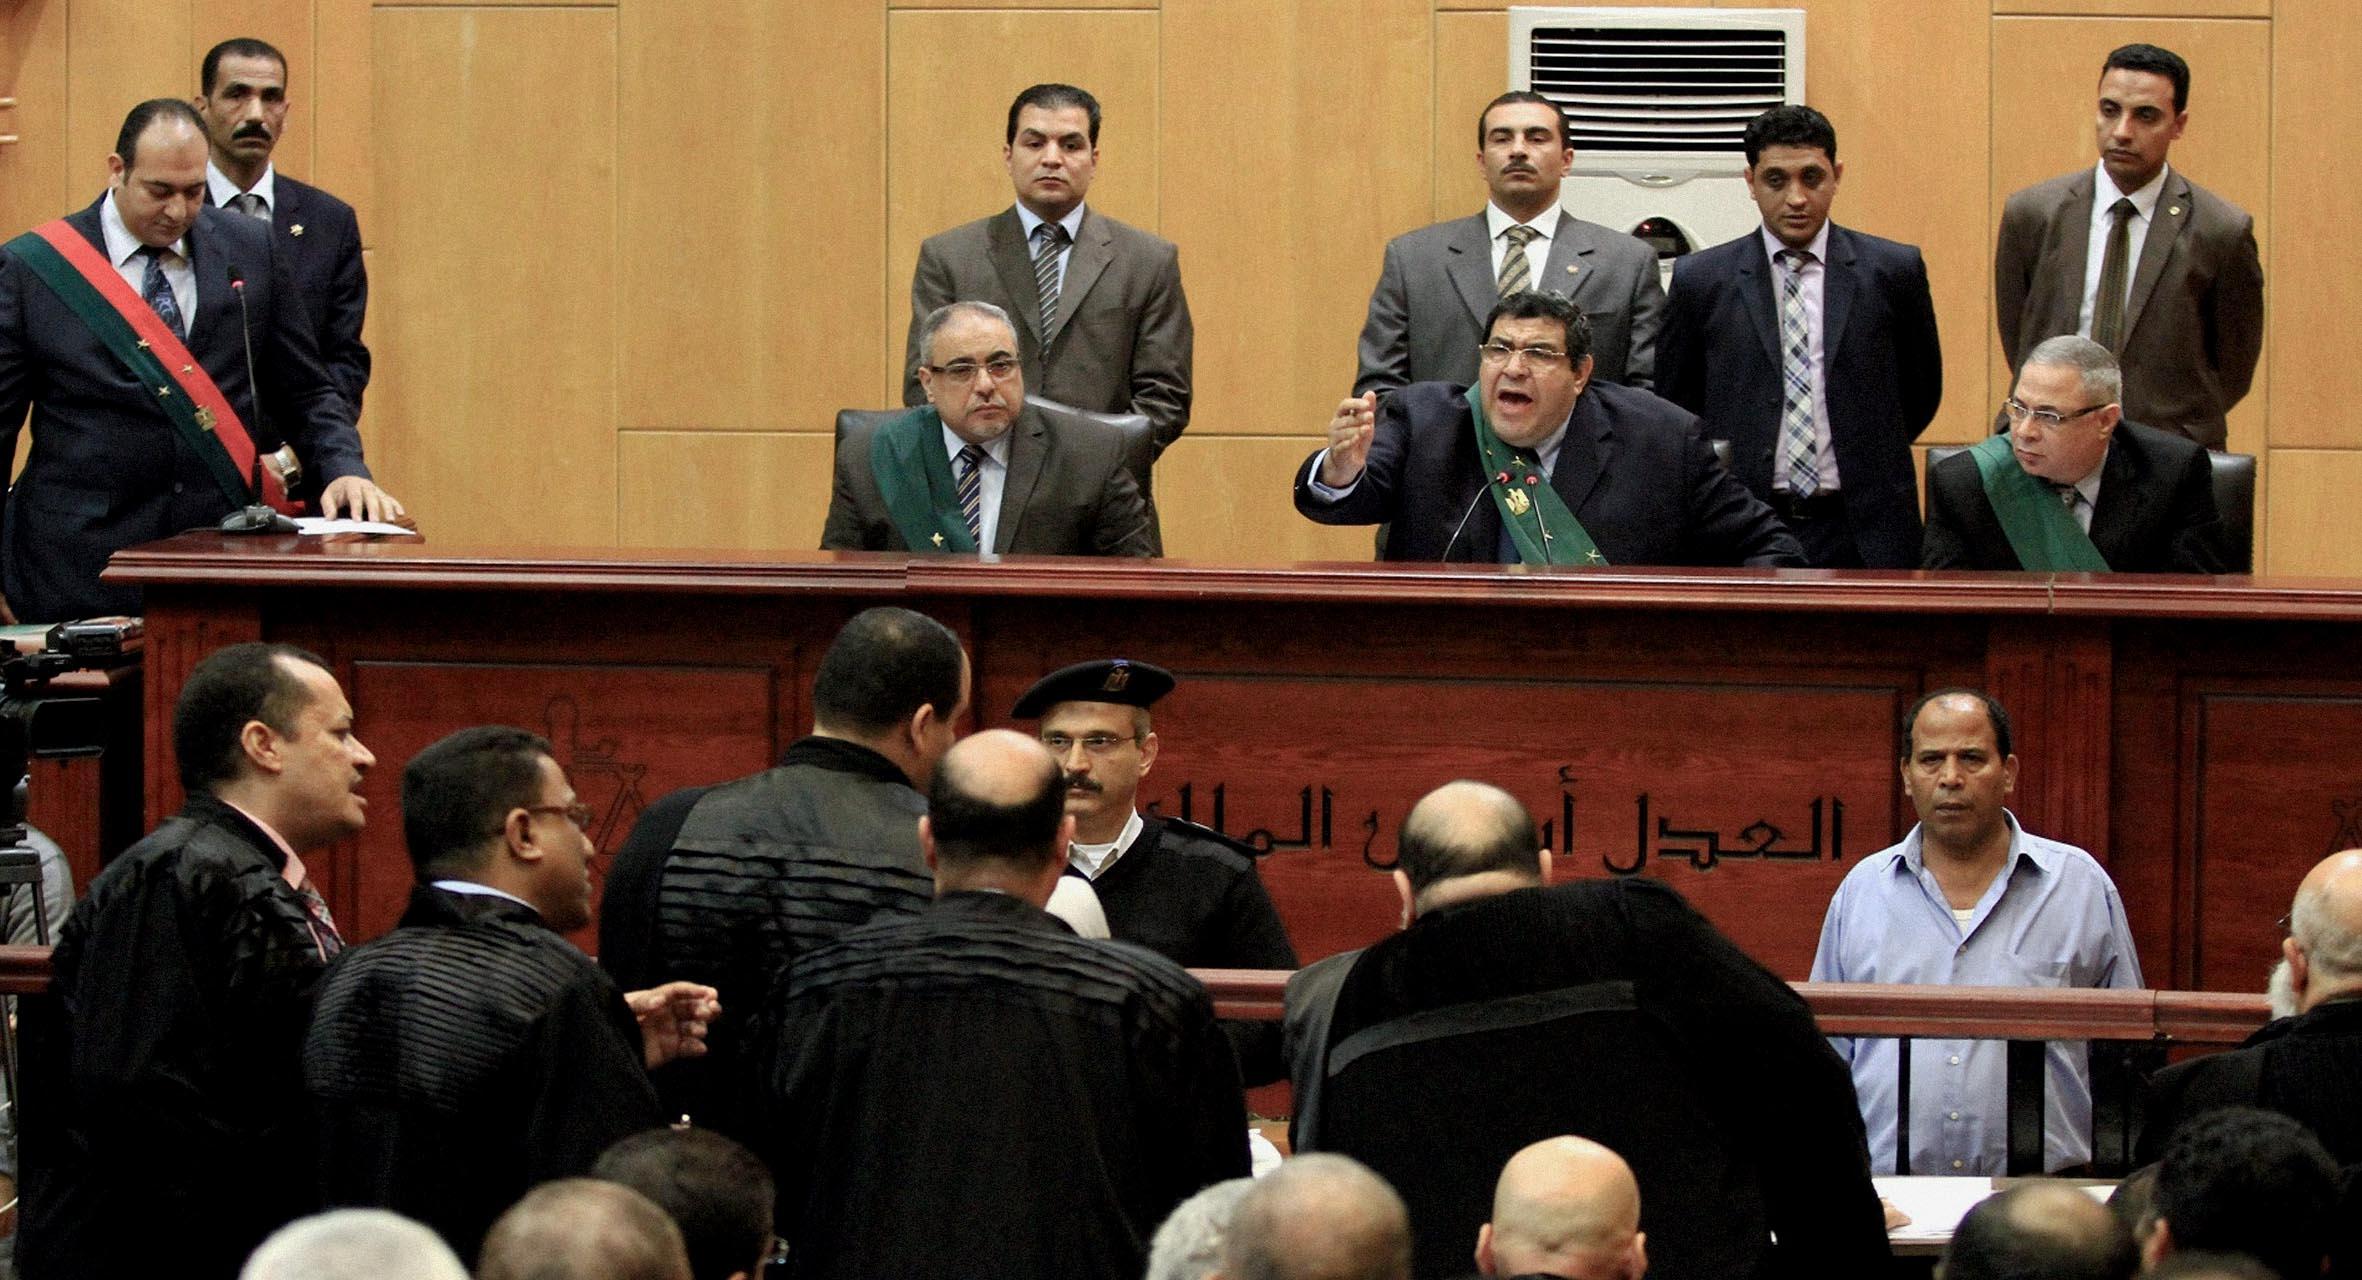 صورة وزير العدل: نخشى تعيين قاضيات لأنهن نساء وقد يتعاطفن مع ضحايا الاغتصاب ويعاقبن الجناة